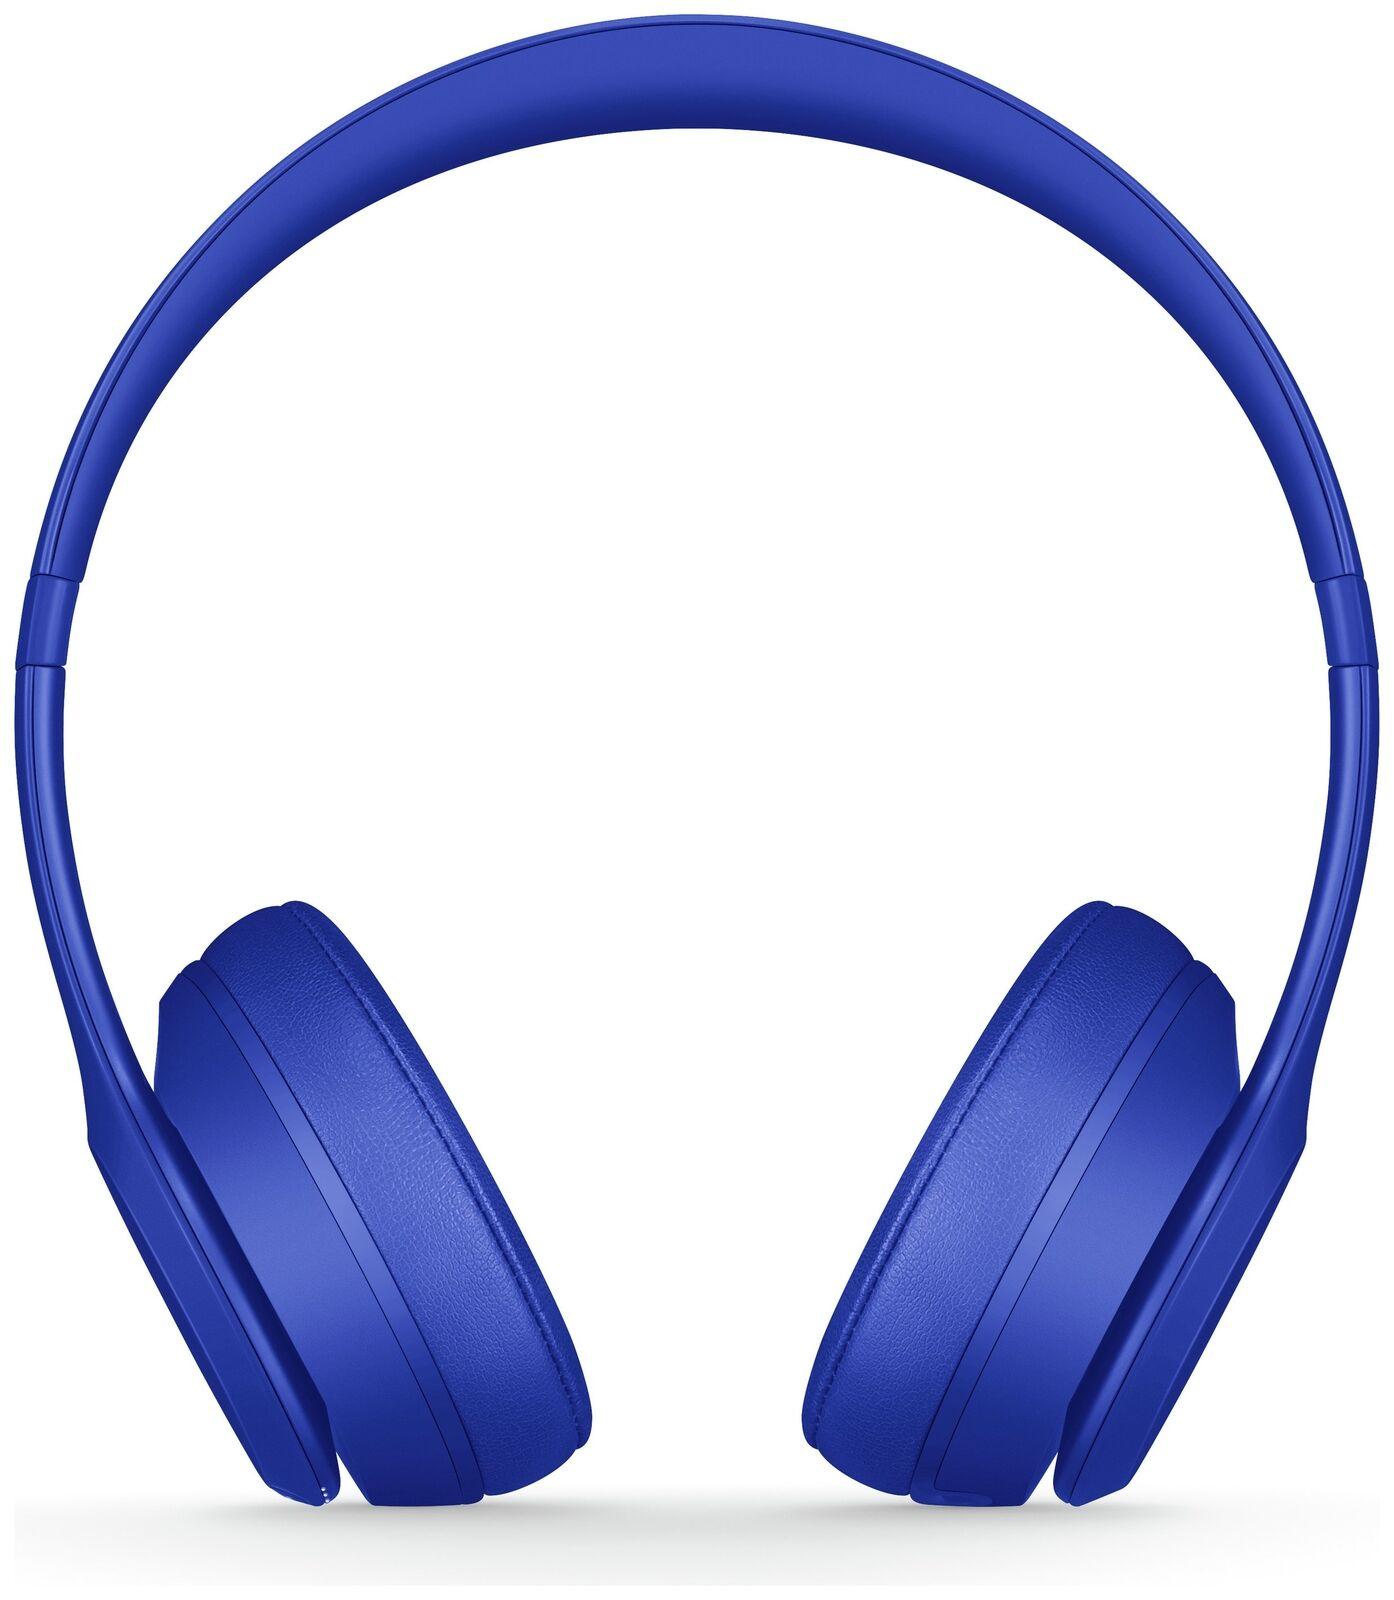 Beats by Dre Solo 3 On-Ear Wireless Bluetooth Headphones - Break Blue £76.99 at Argos eBay